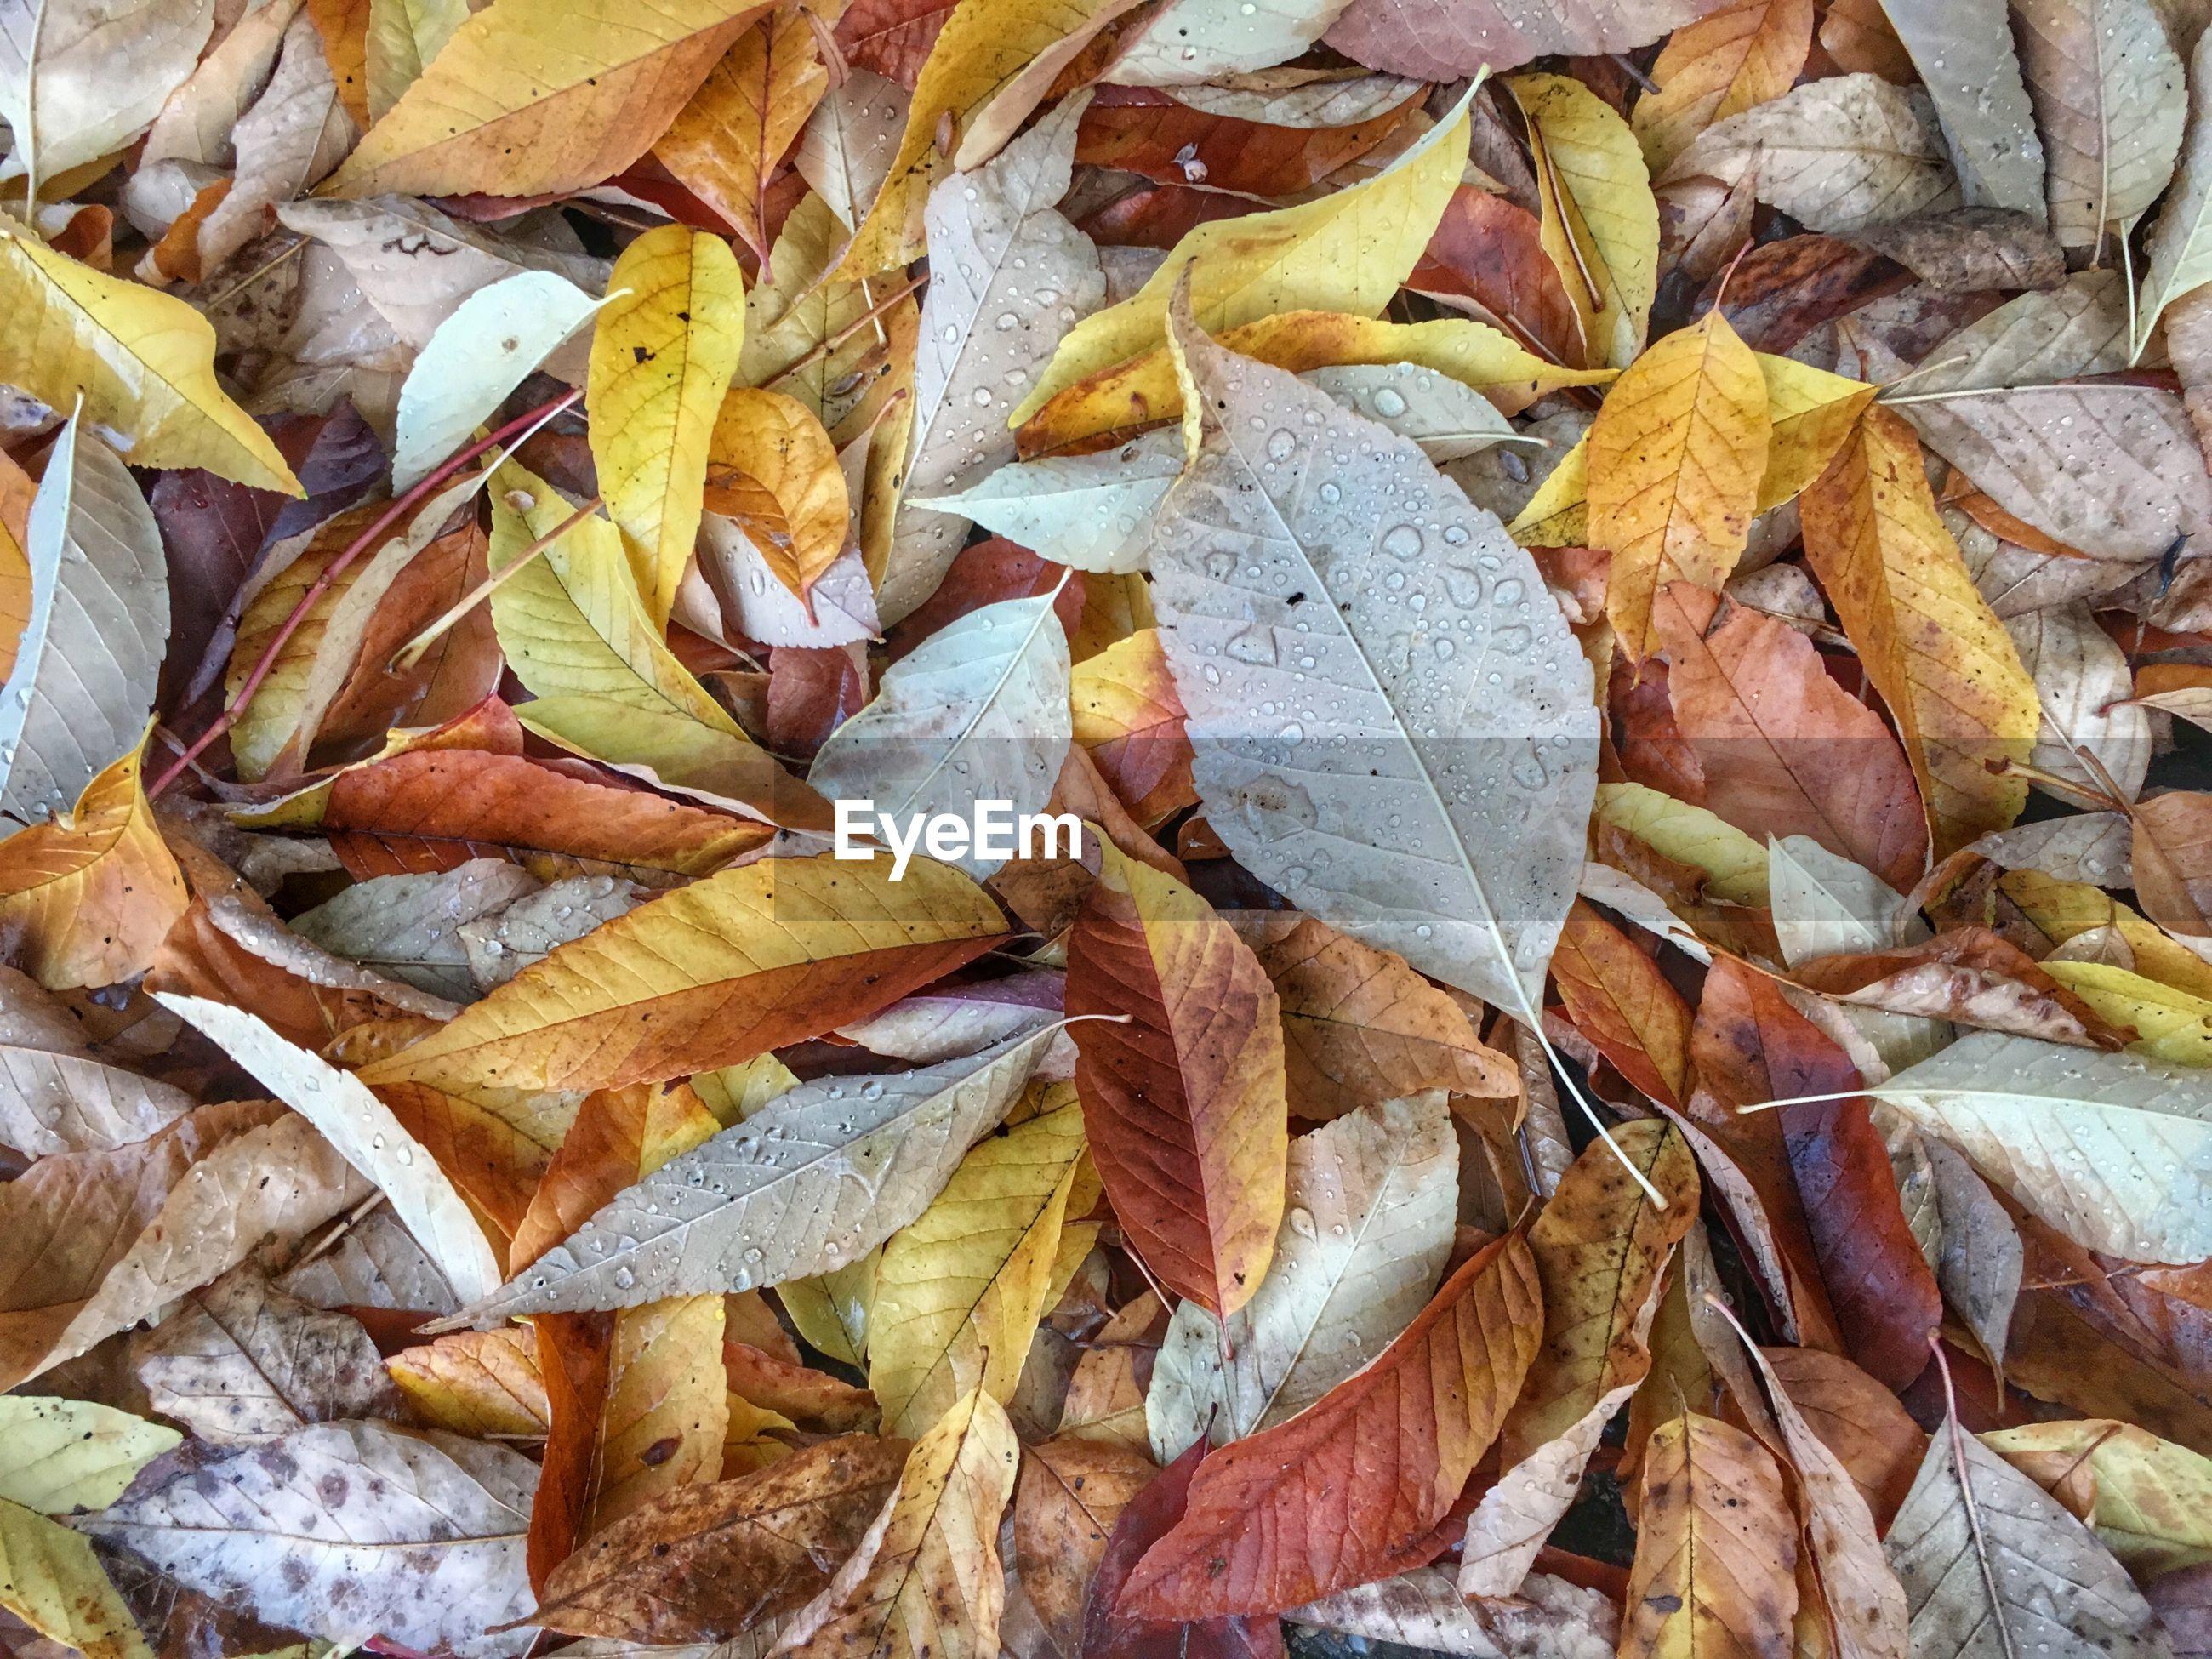 Full frame shot of rotting leaves